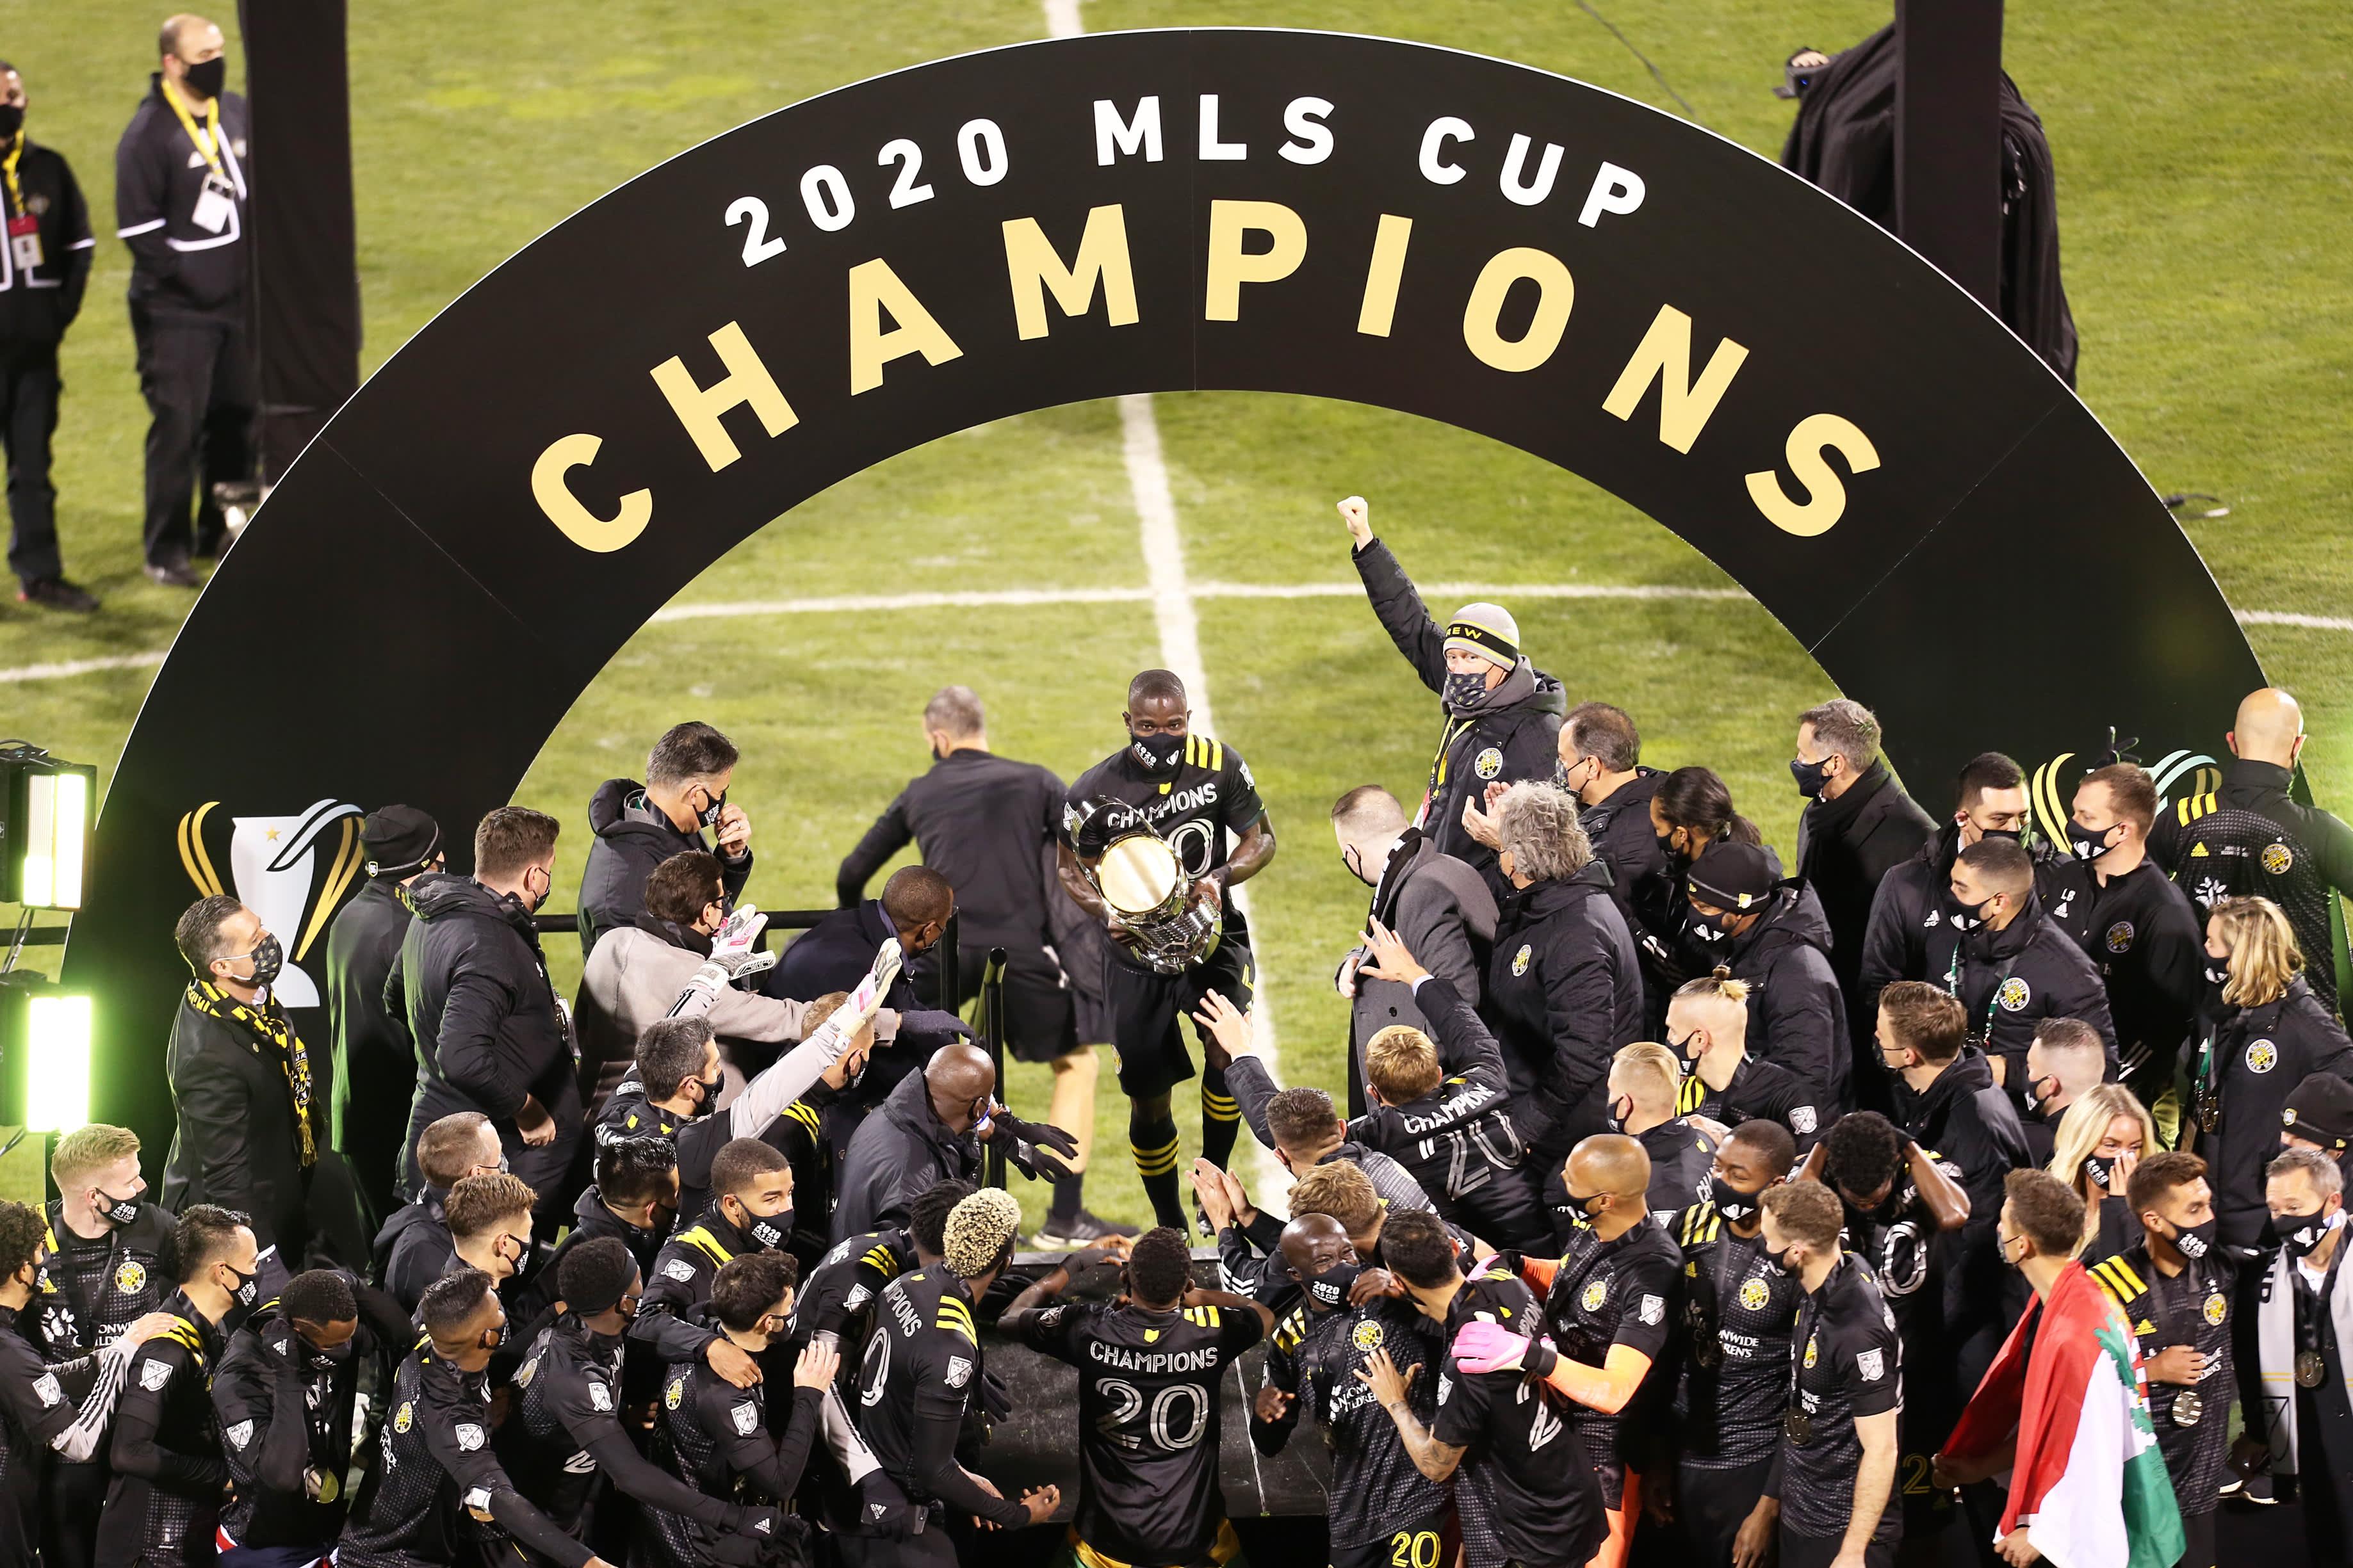 MLS Columbus Crew